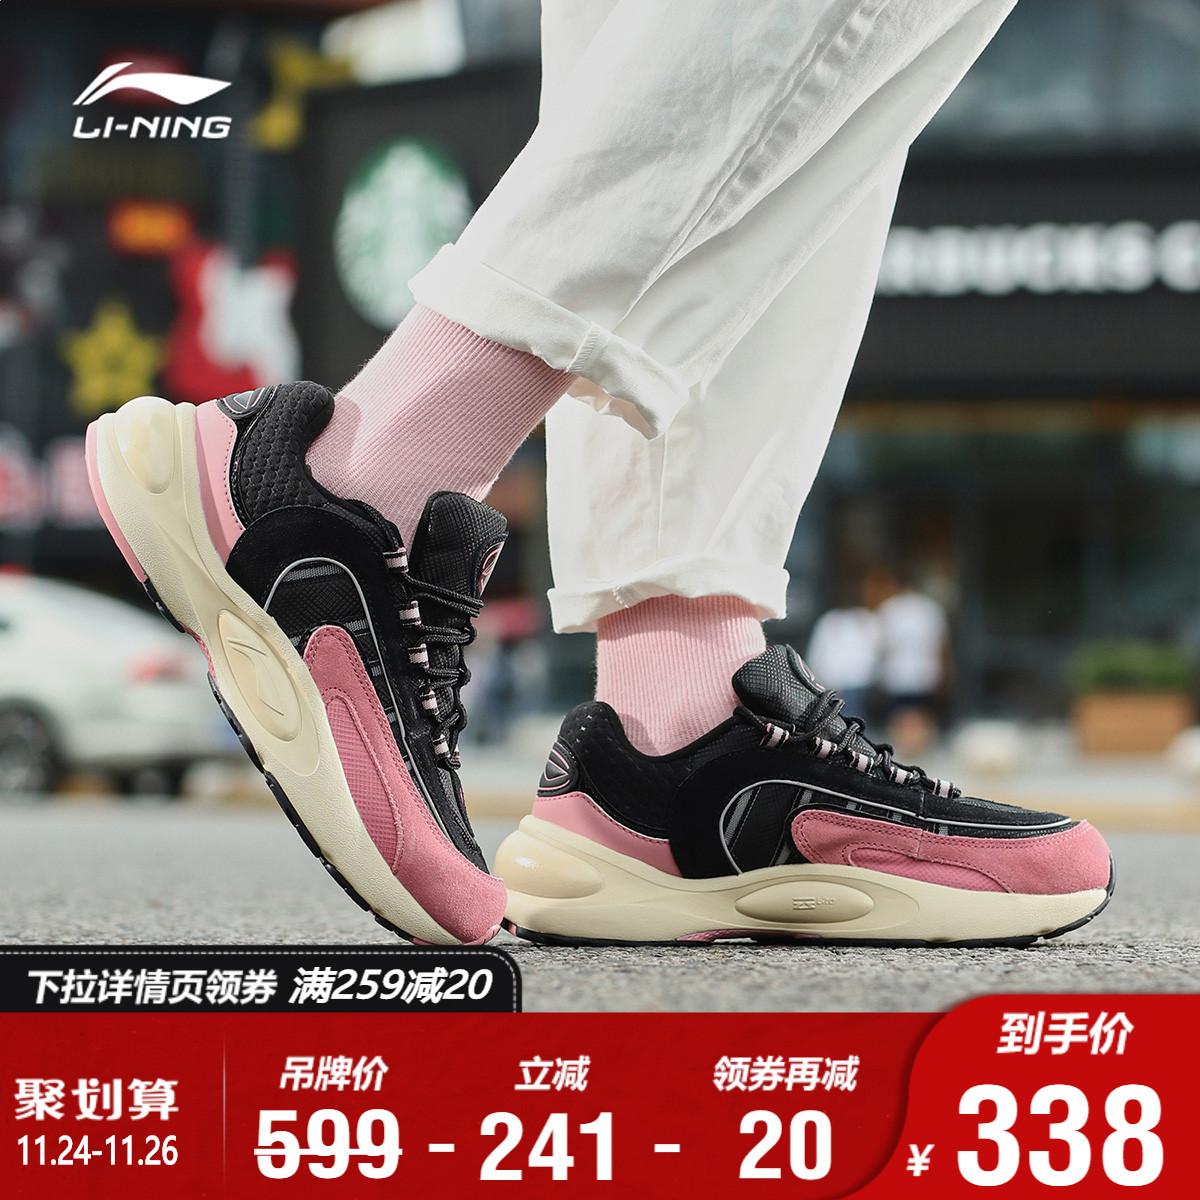 李宁运动鞋 李宁跑步鞋女鞋V8减震轻质跑鞋休闲女士低帮运动鞋_推荐淘宝好看的女李宁运动鞋